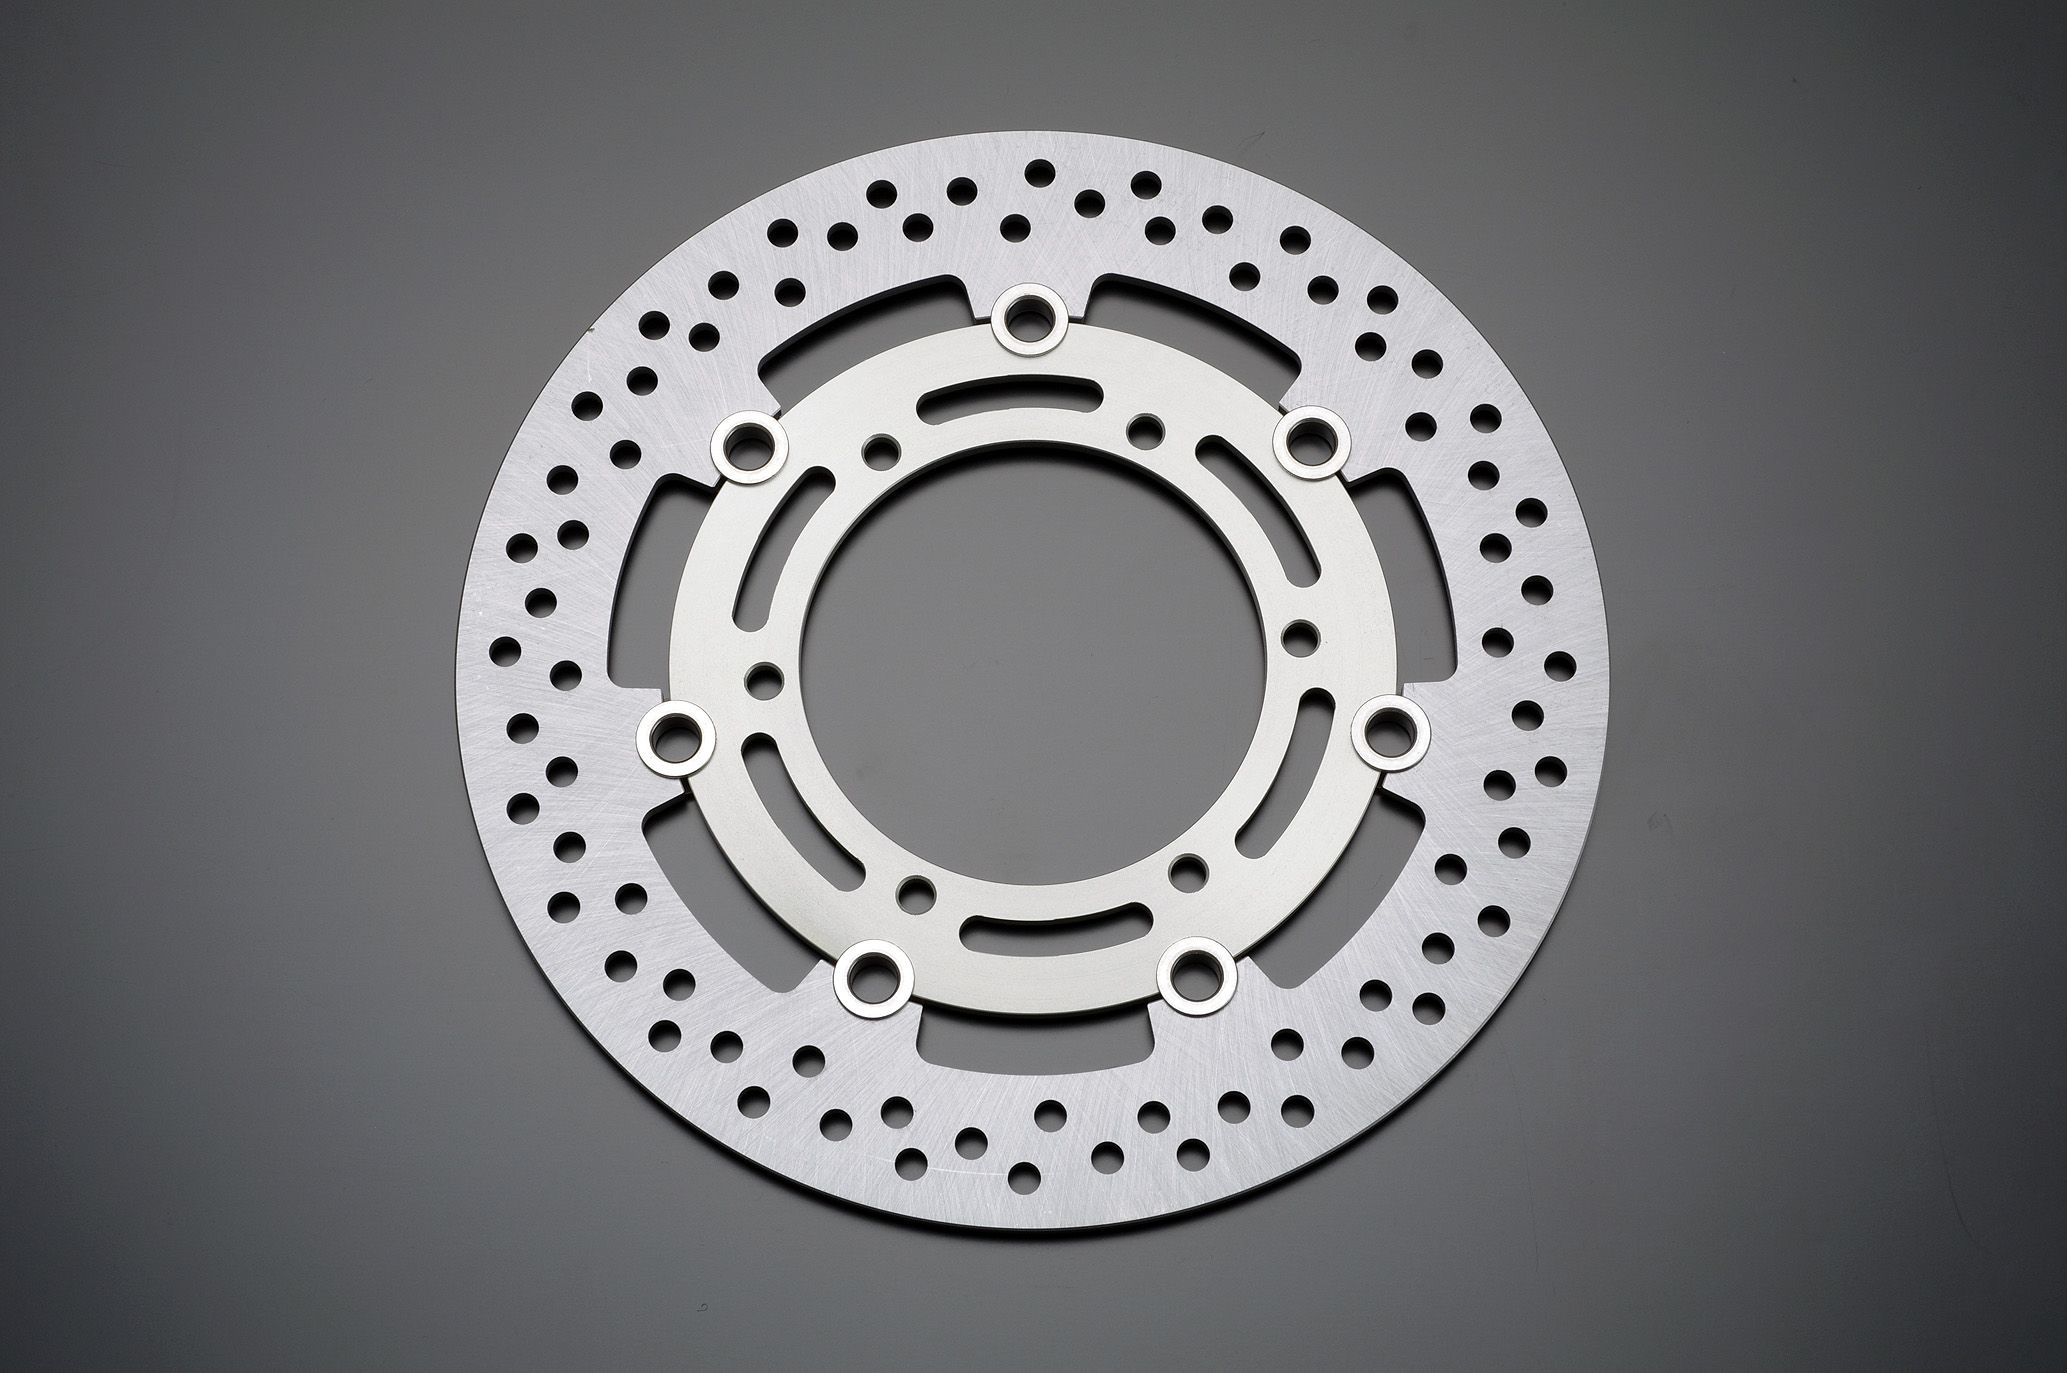 【GRONDEMENT】Φ285 煞車碟盤 (銀色) 套件専用品 - 「Webike-摩托百貨」